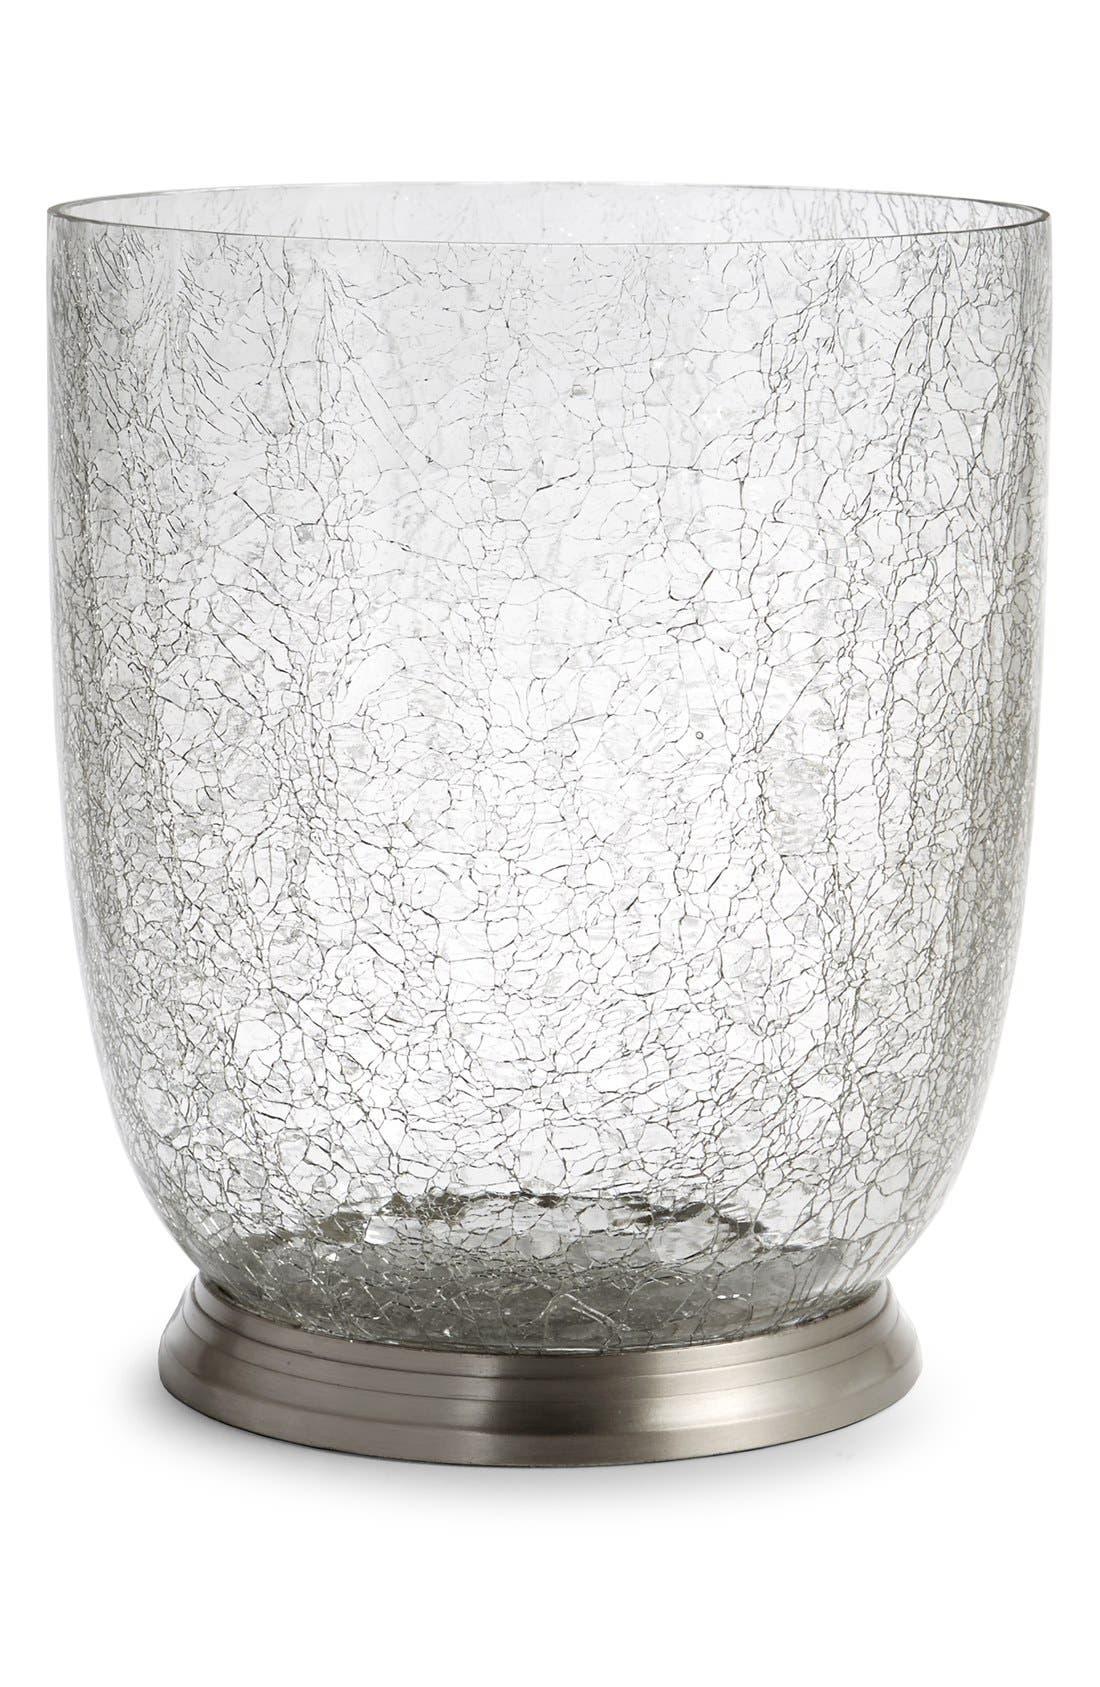 'Heirloom Crackle' Wastebasket,                         Main,                         color, Crackle Glass